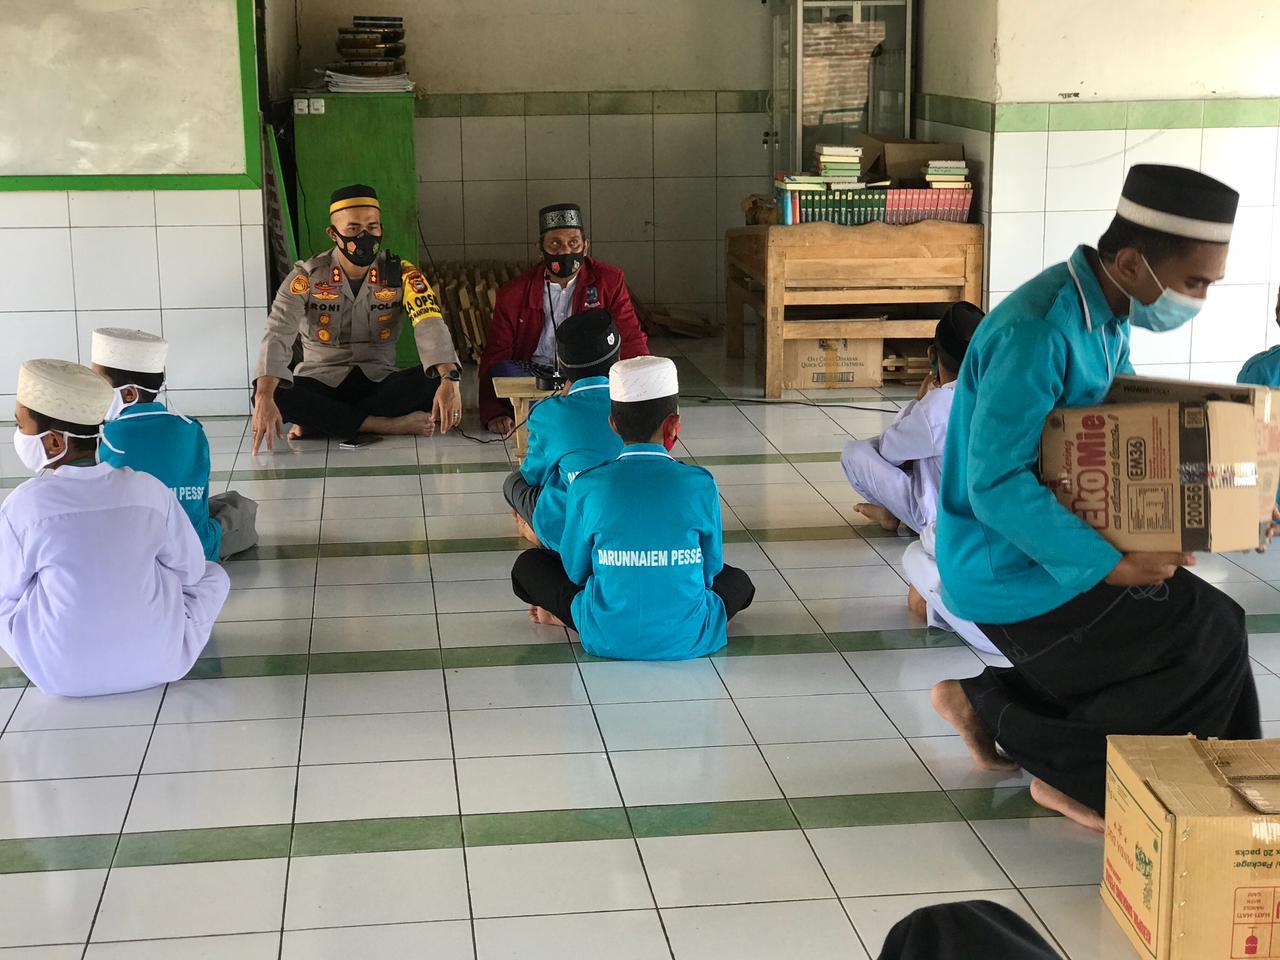 Mencari Keberkahan Ramadhan Kapolres Soppeng Berkunjung dan Berbagi di Ponpes Darunnaiem Pesse